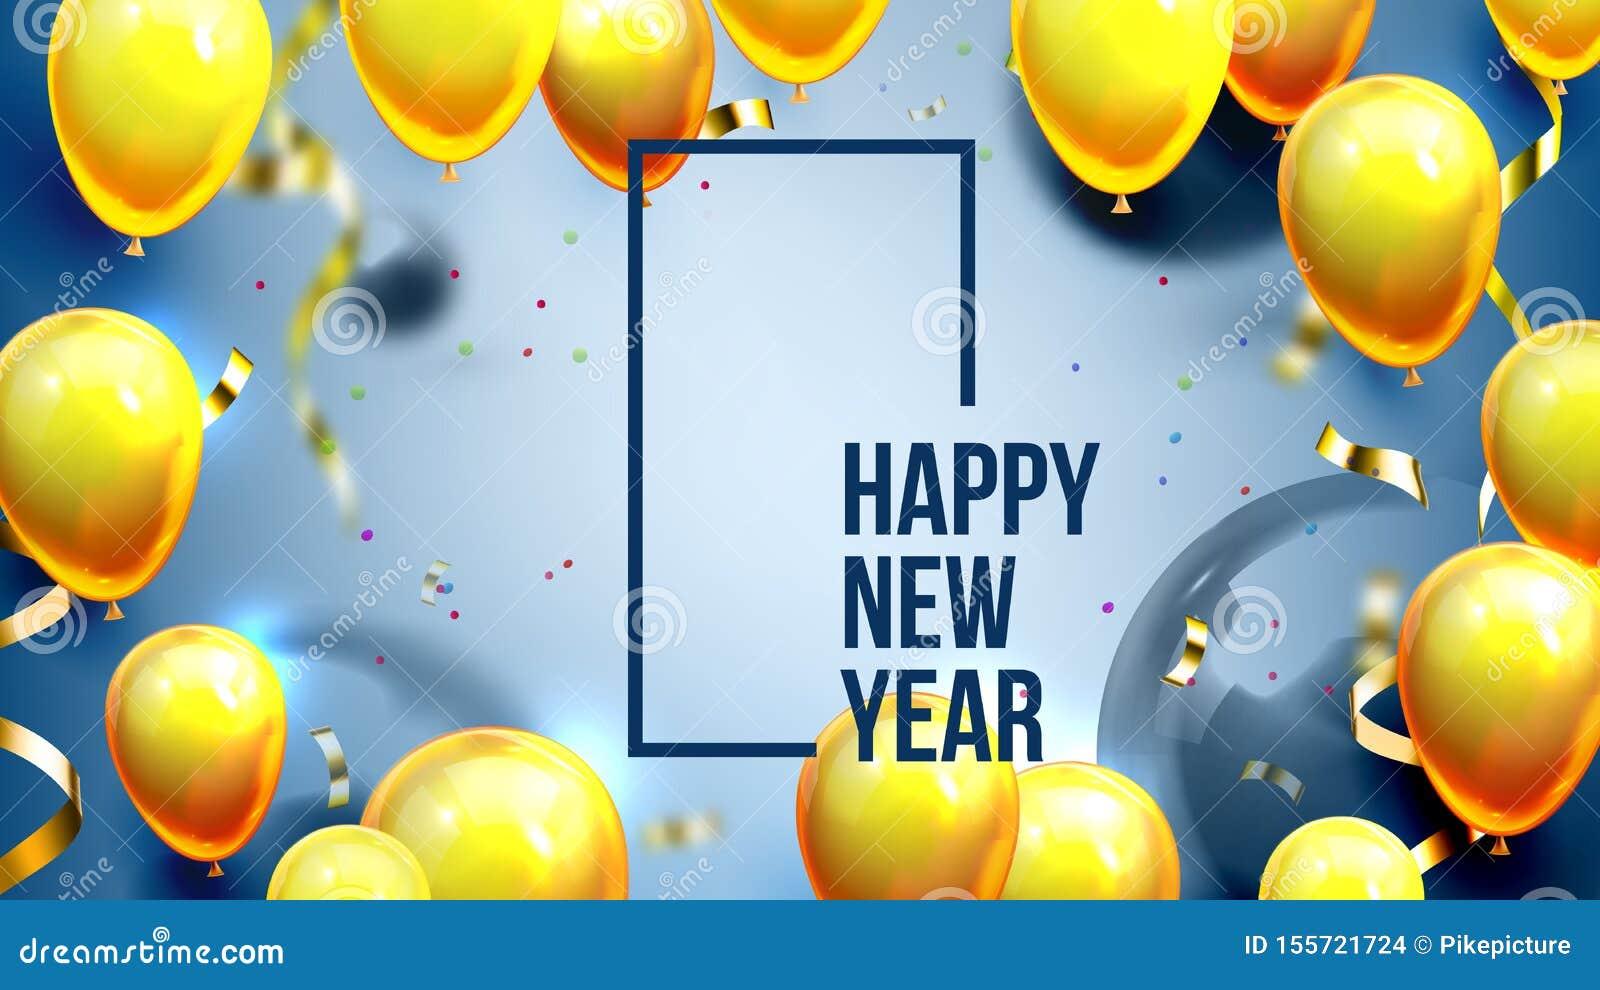 Φωτεινός προσκαλέστε το διάνυσμα εμβλημάτων καλής χρονιάς καρτών